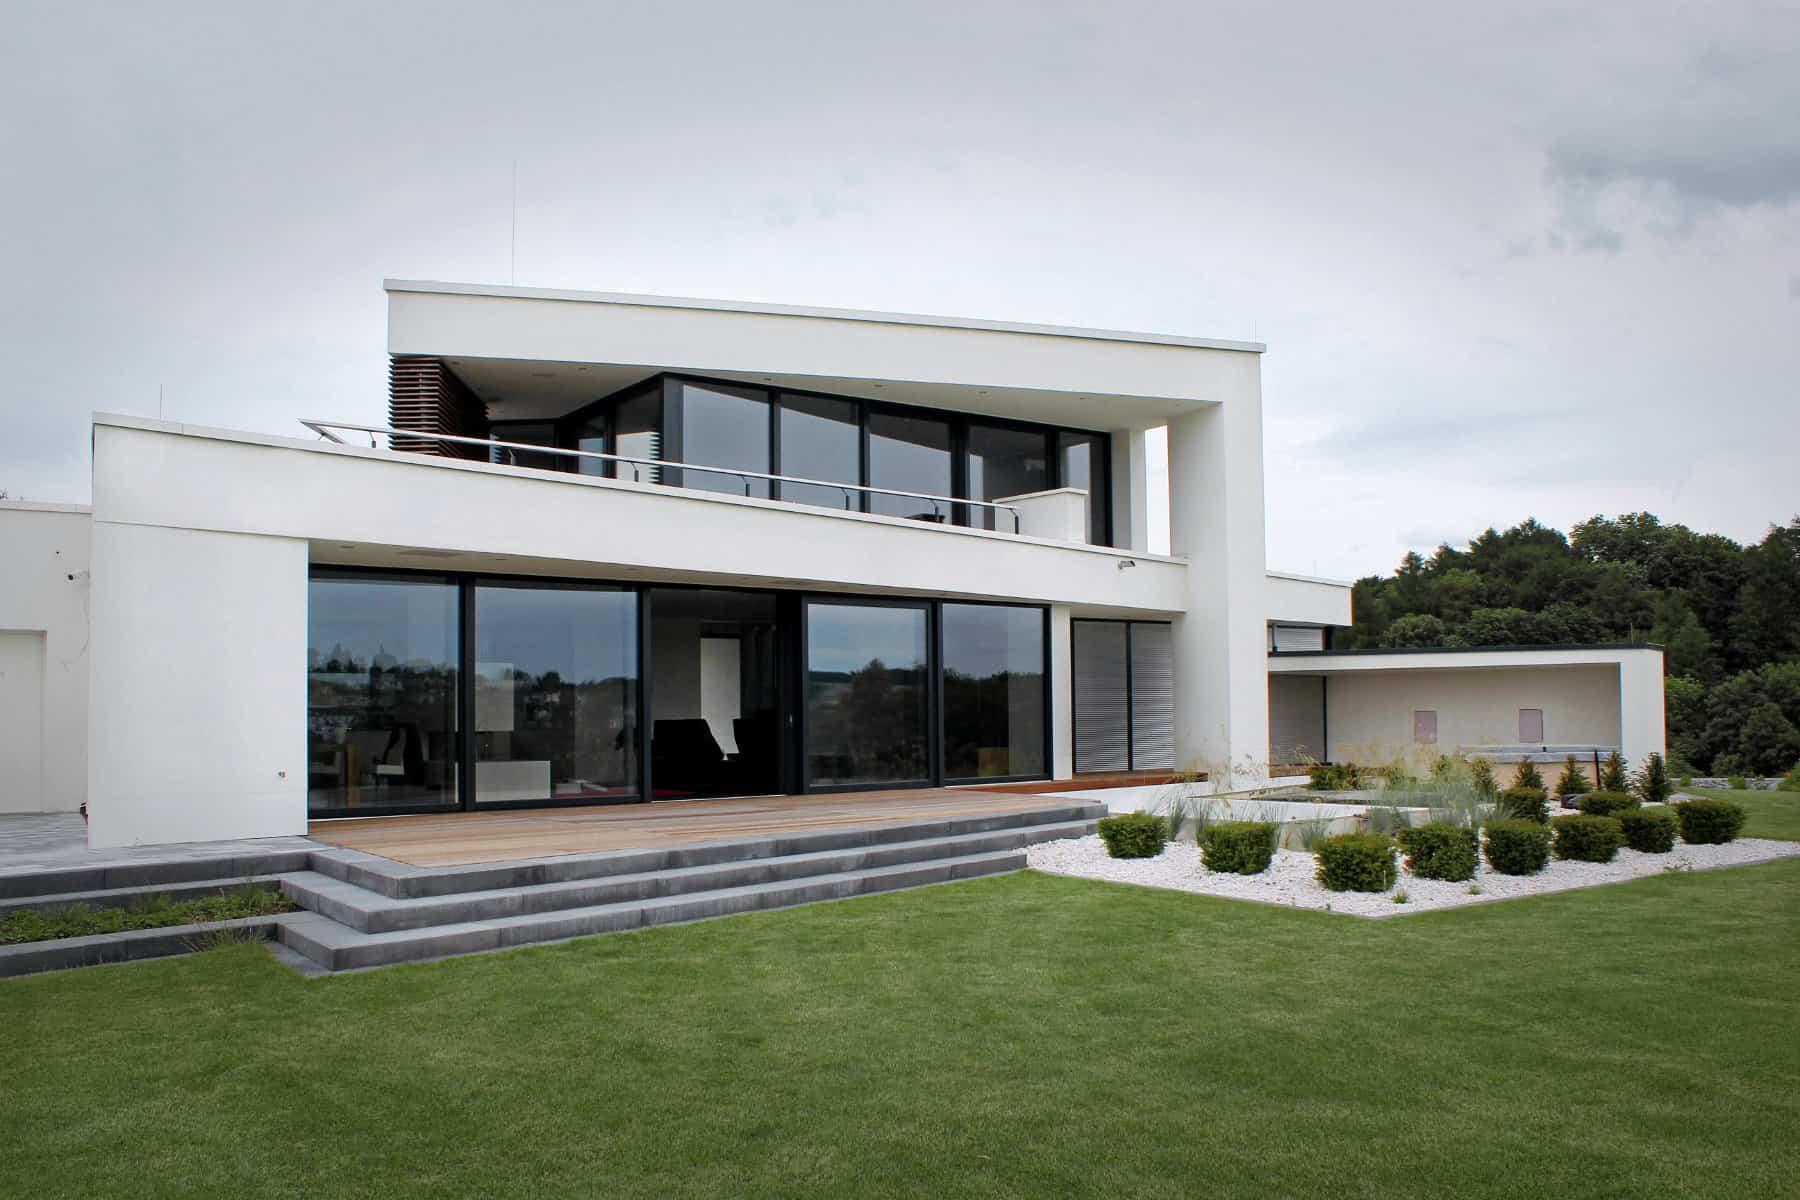 Modernes flachdachhaus mit dachterrasse avantecture for Modernes haus bauen